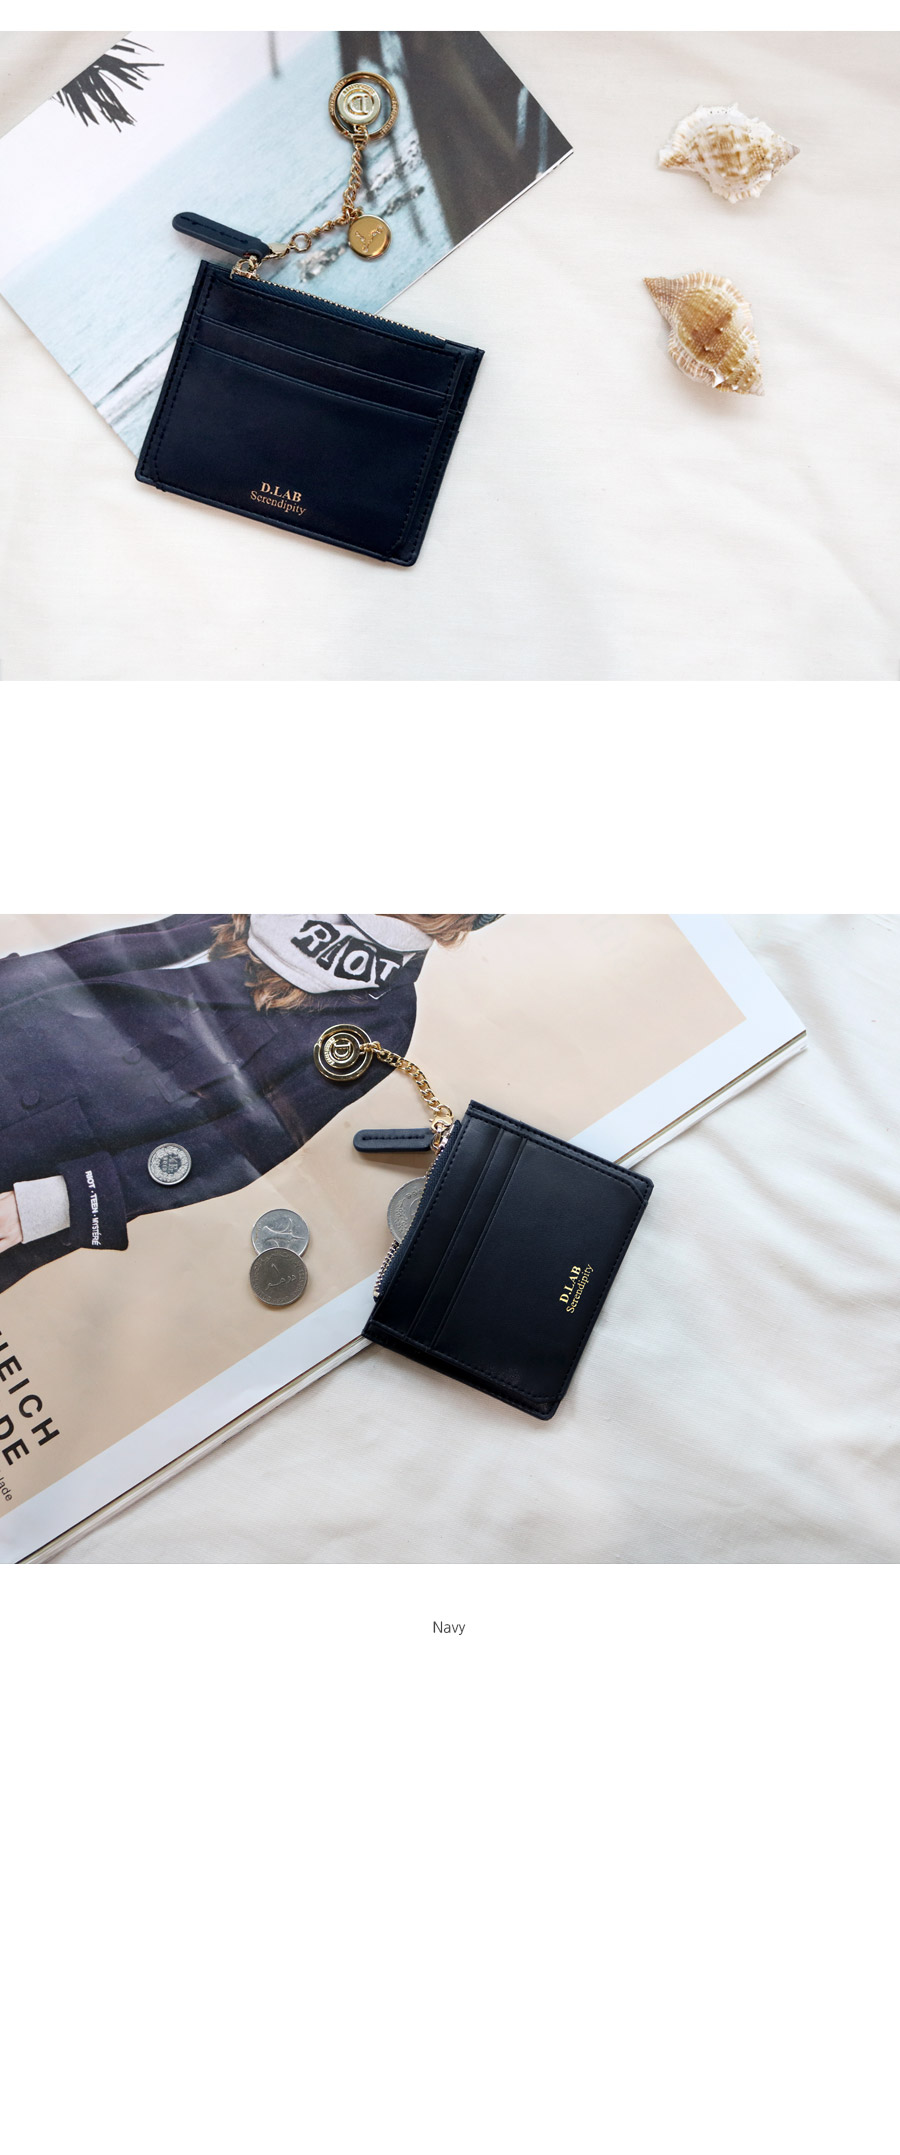 디랩(D.LAB) [★별자리 키링 증정] D.LAB Coin simple card wallet  - Burgundy 카드 지갑